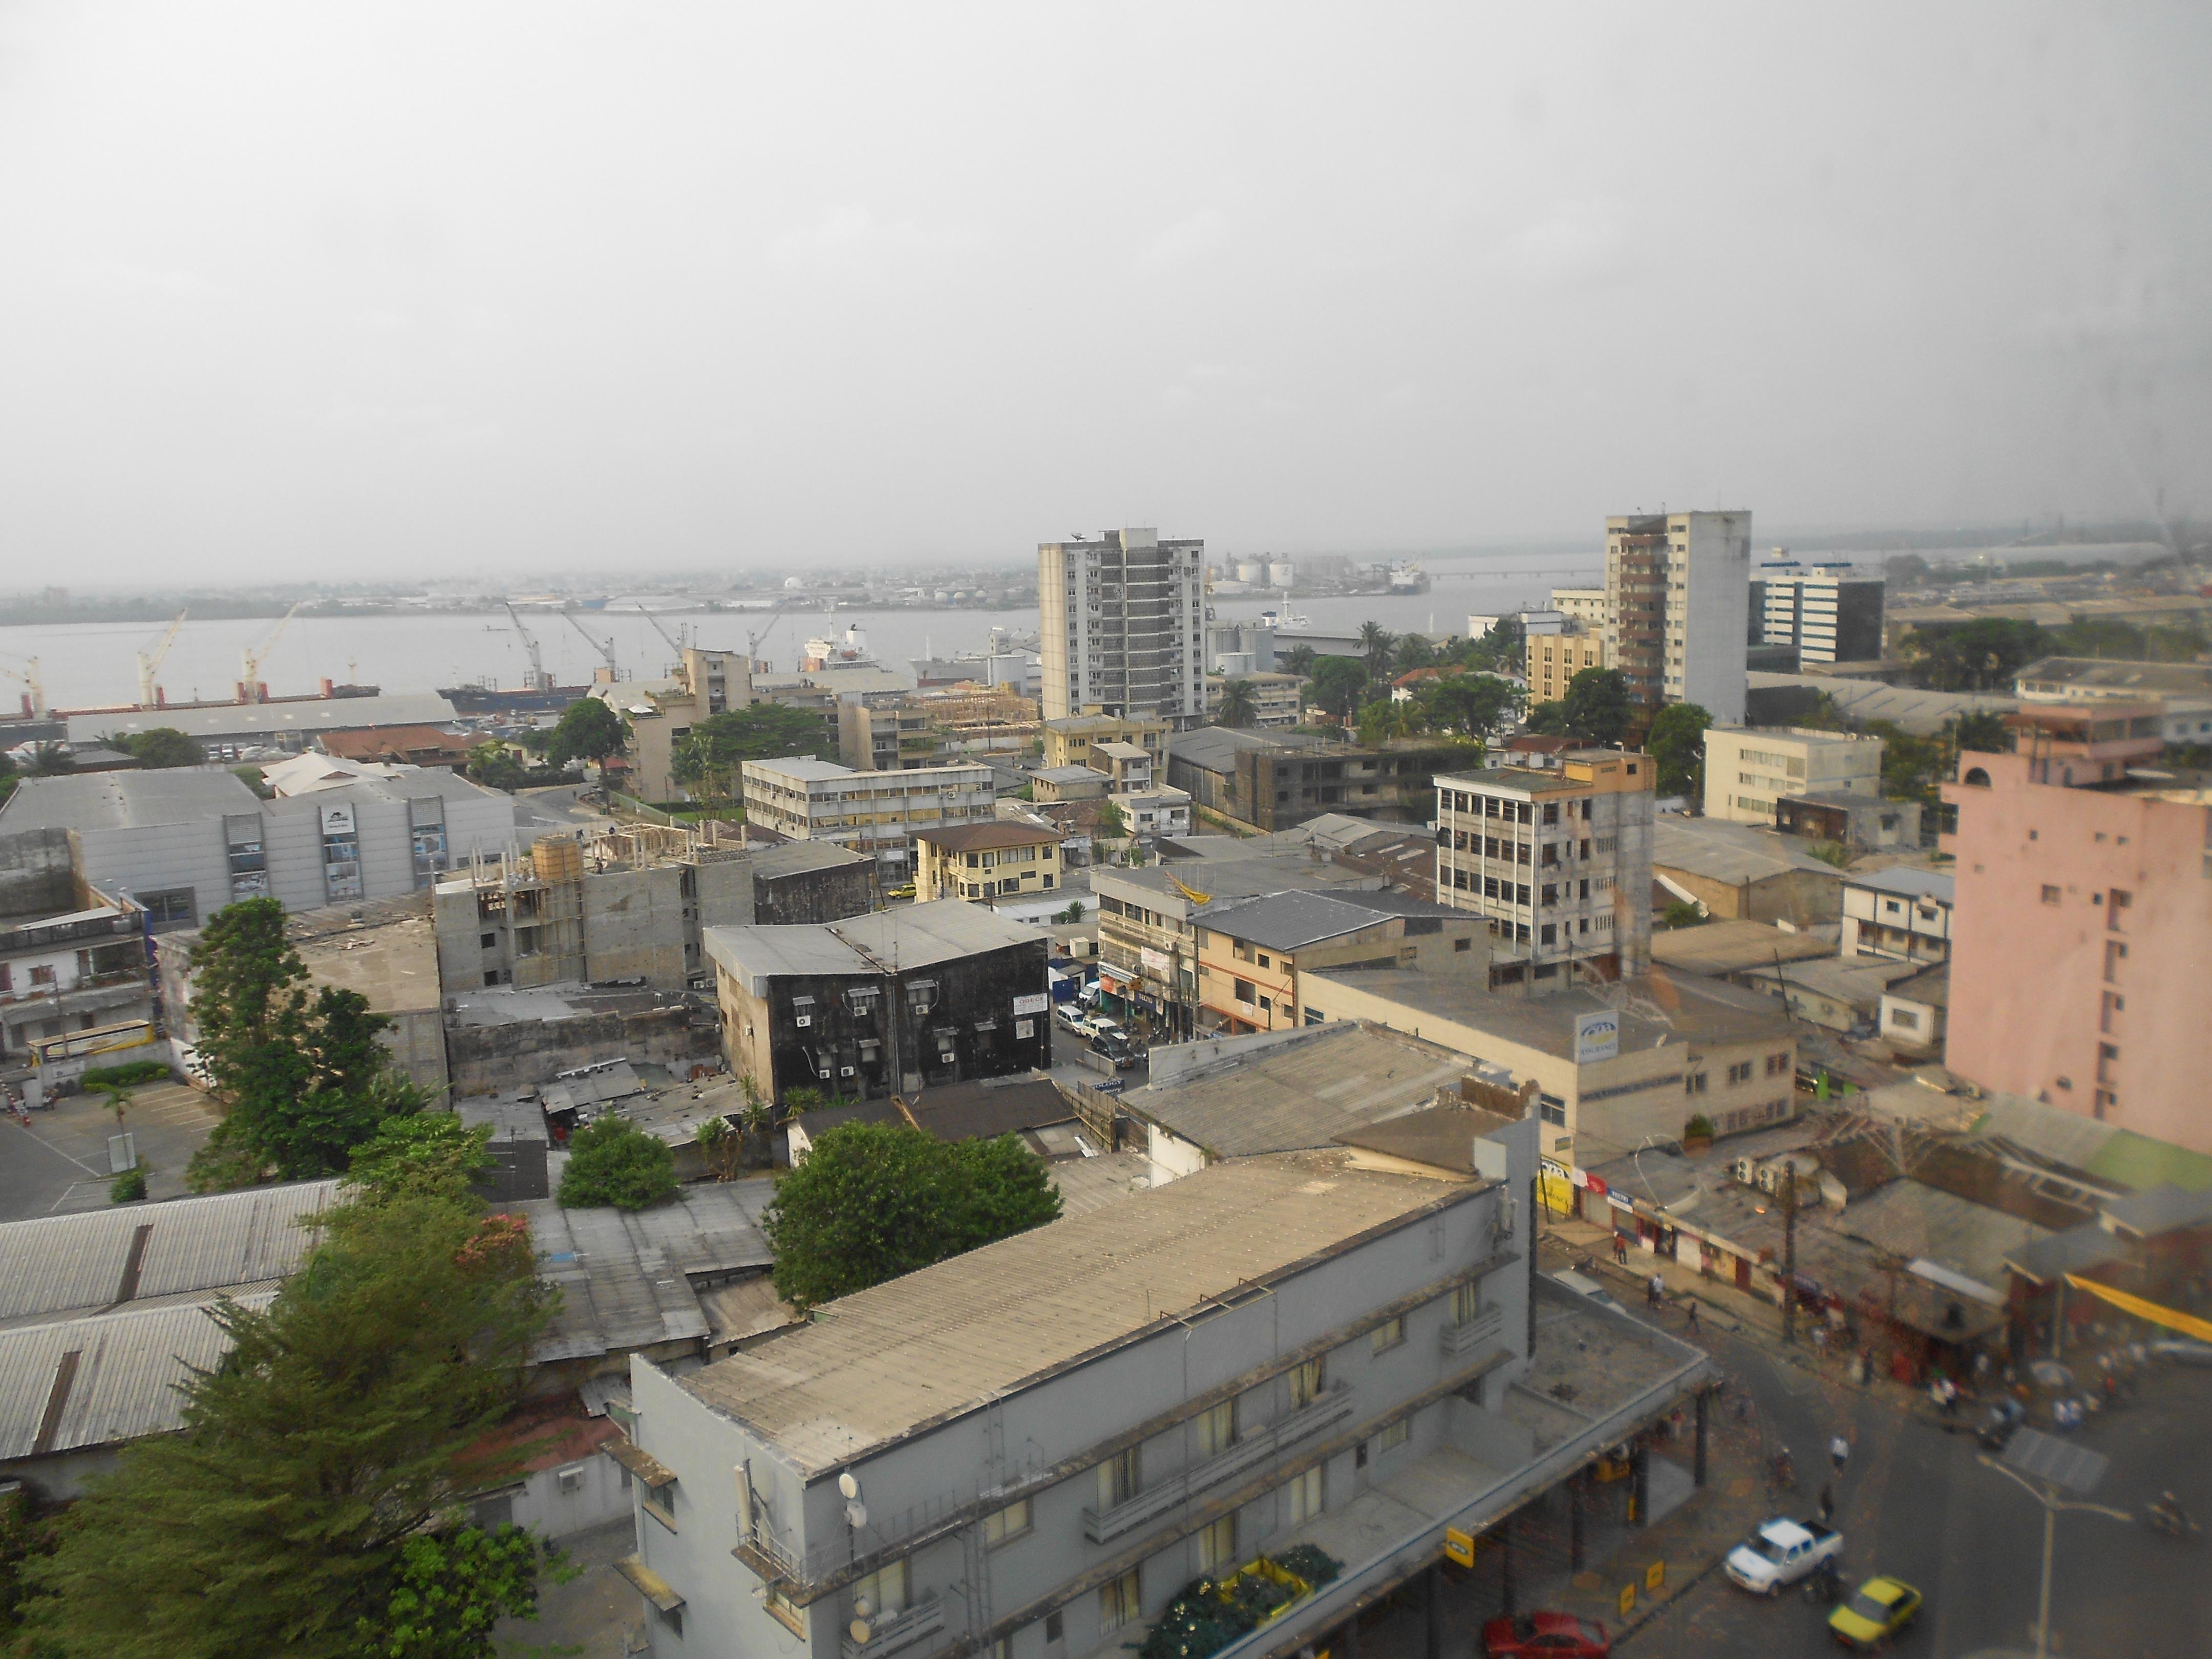 Blick auf die Innenstadt von Douala, im Hintergrund der Hafen